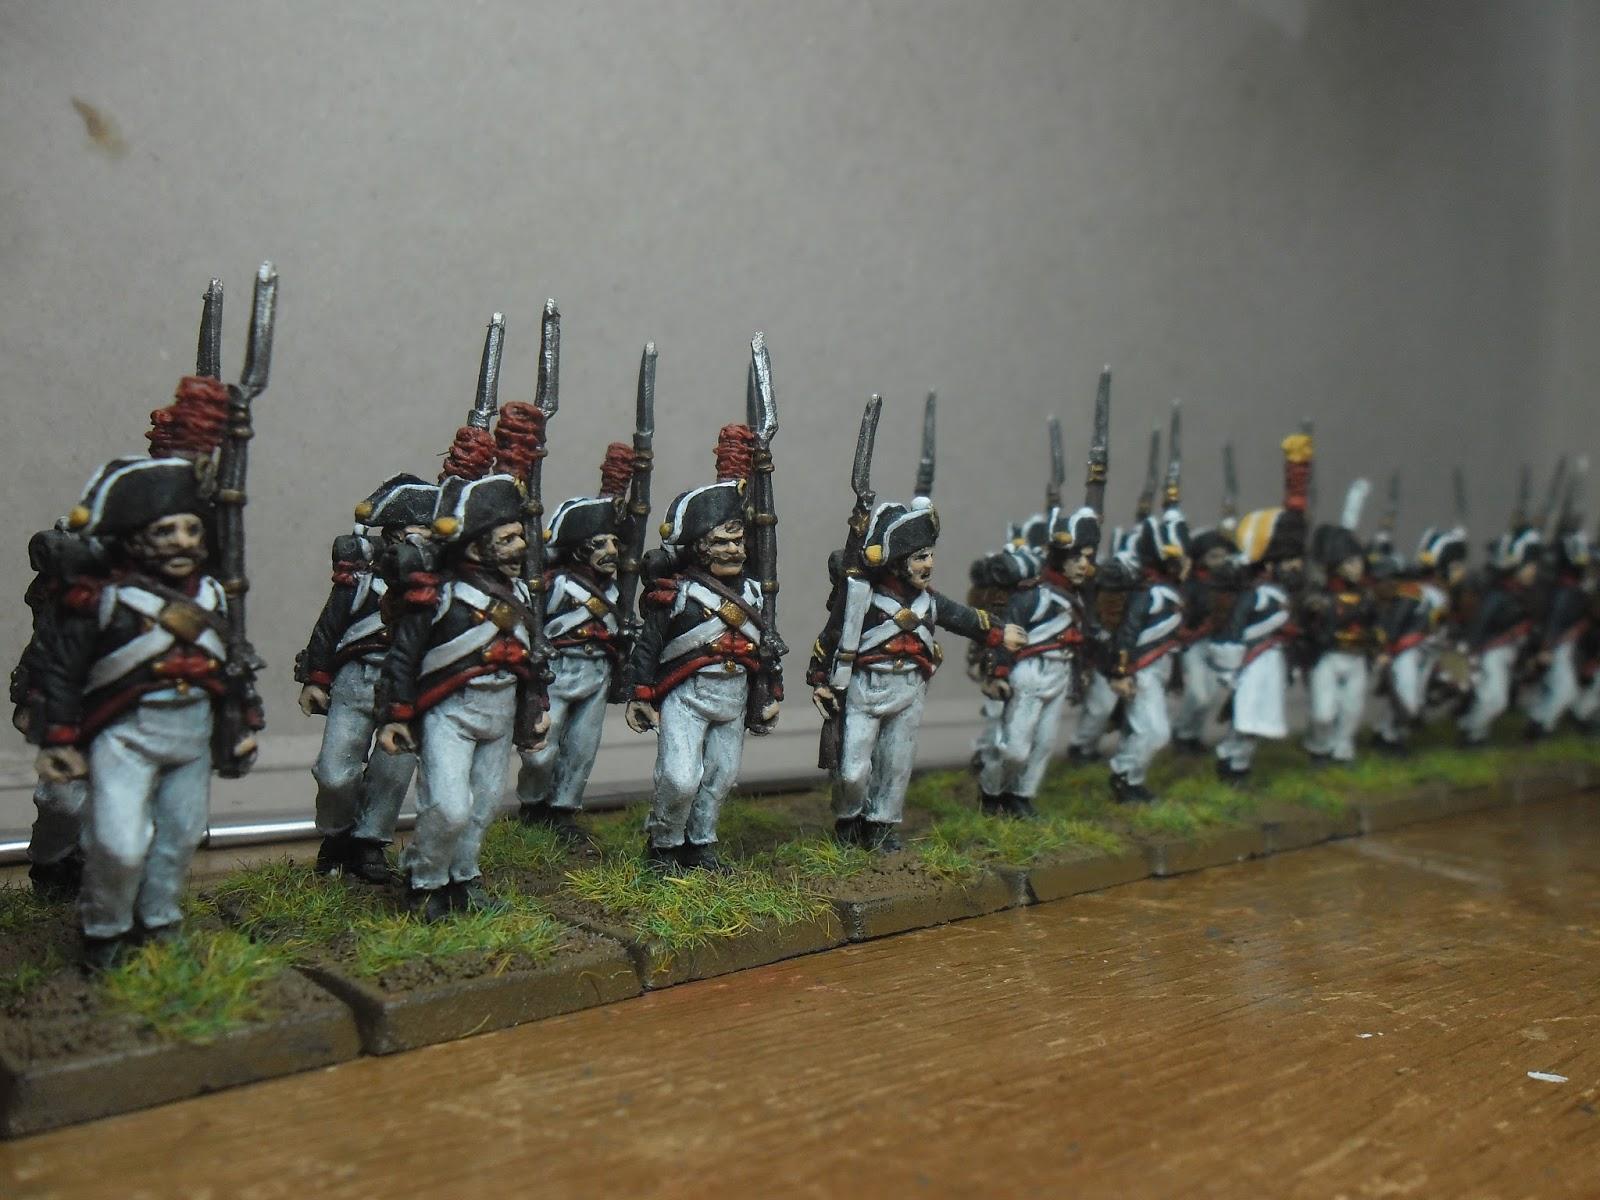 Infanterie de ligne des duchés saxons Saxon%2BDuchies%2BLine%2BInfantry%2B%25281%2529